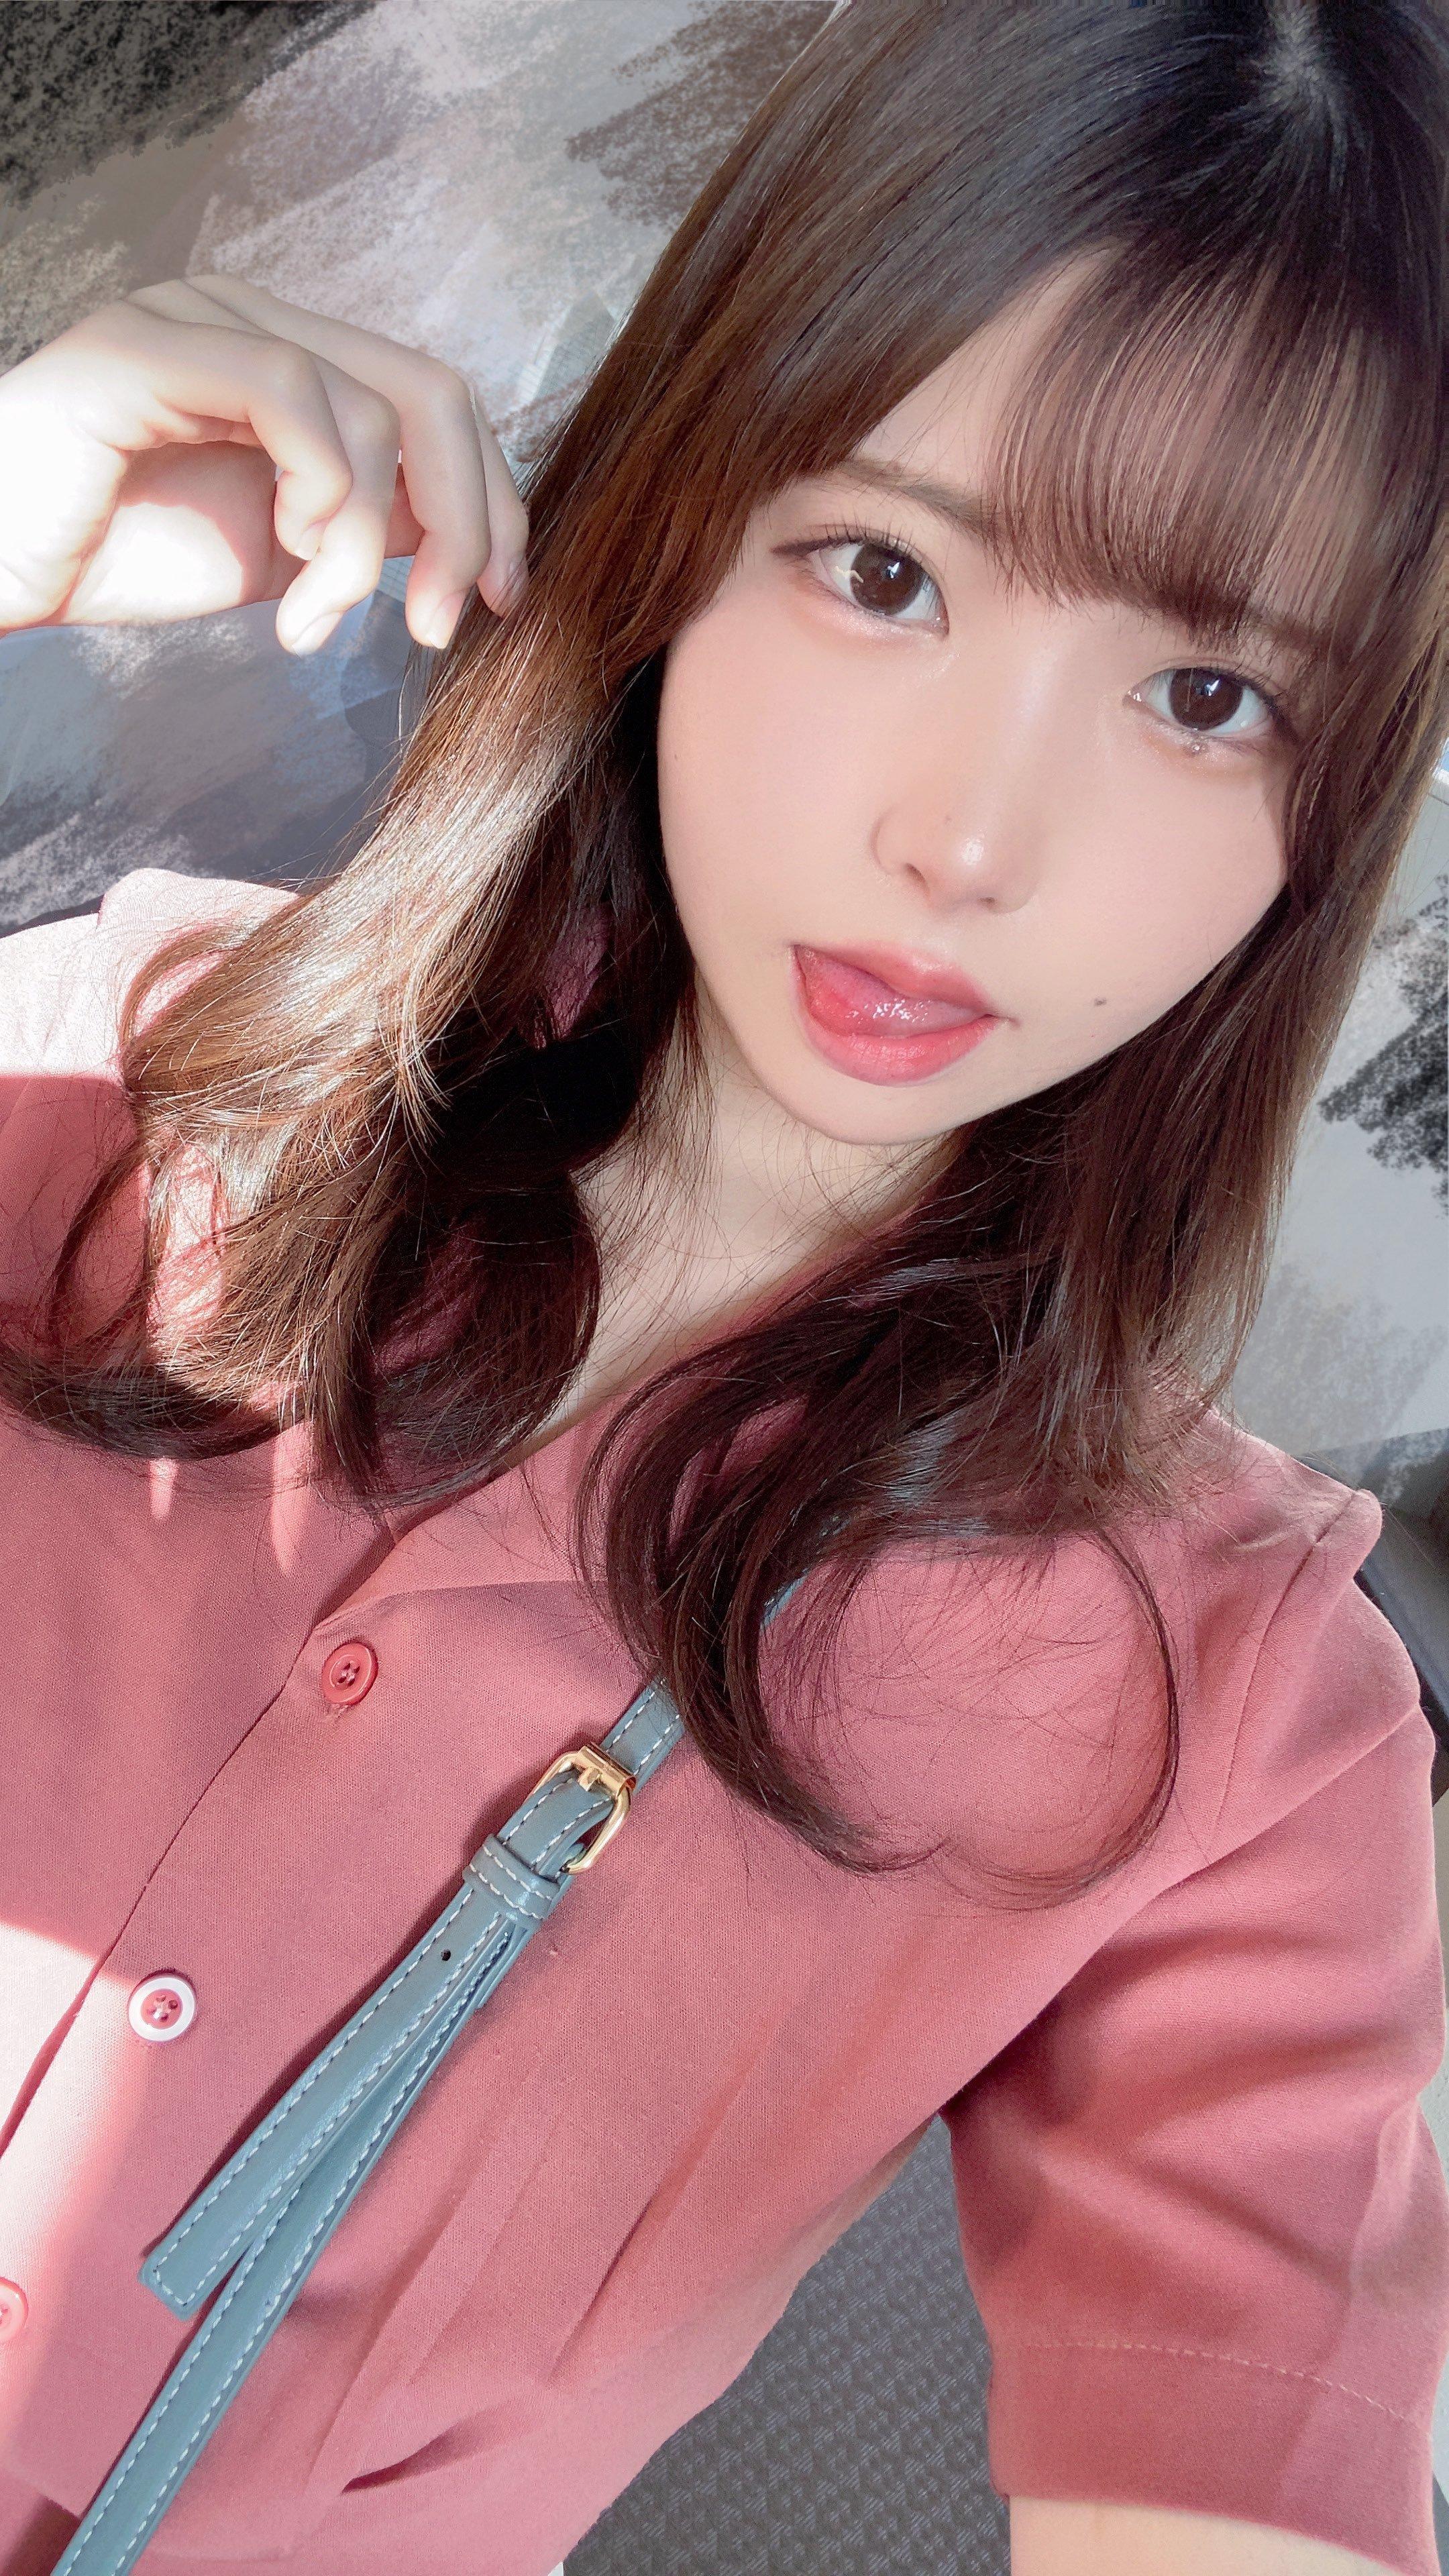 猫耳女仆甜到心坎 海边JK夏日感觉-COS精选二百六十弹 动漫漫画 第74张